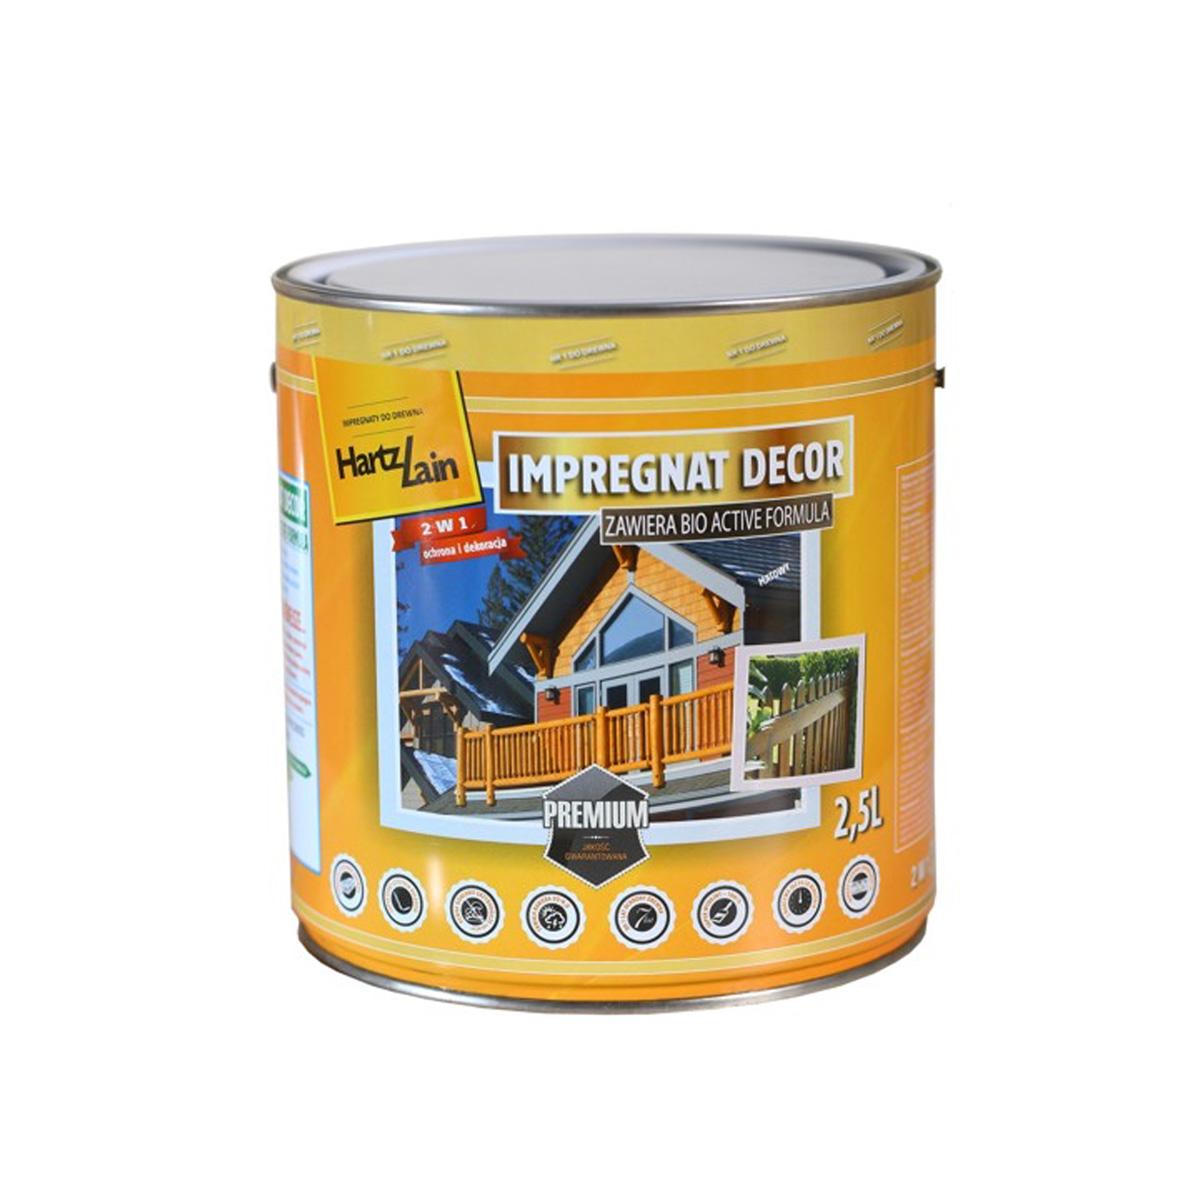 Impregnat Decor - zawiera aktywne substancje skutecznie zabezpieczające drewno przed grzybami i owadami